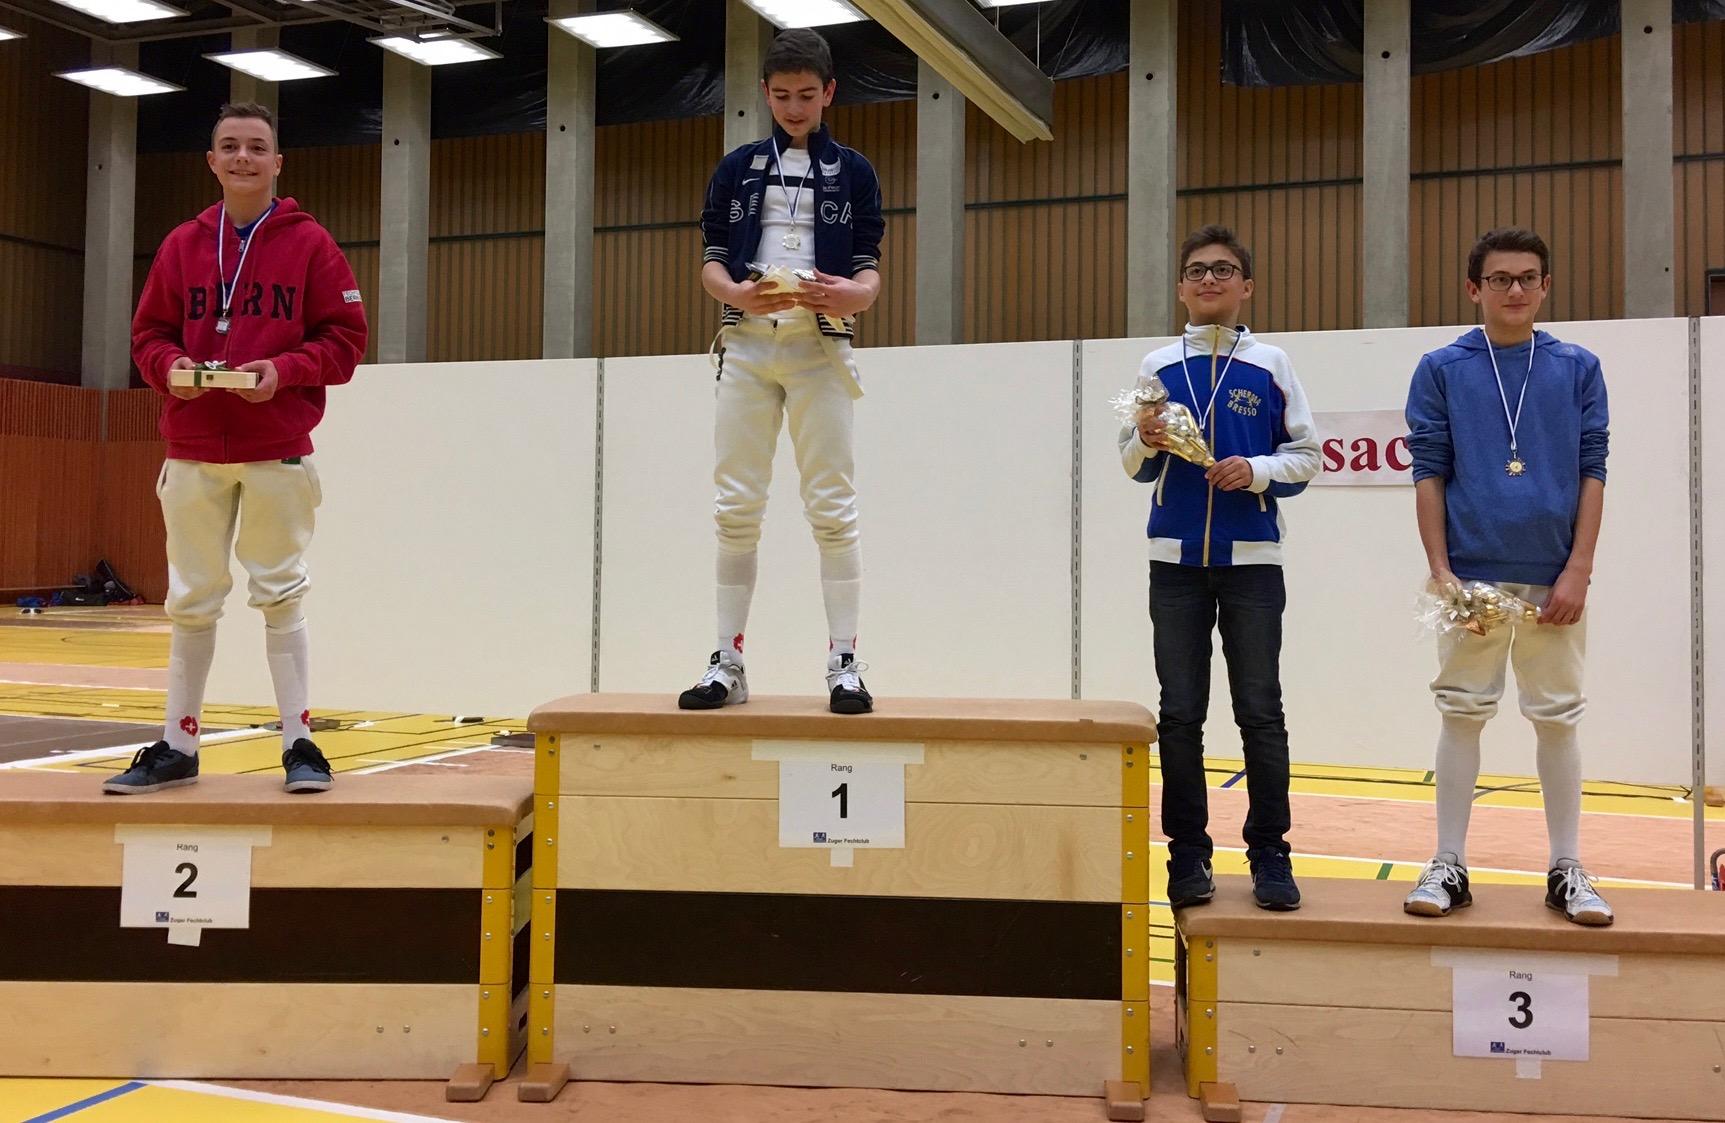 Jeremy Ramuz vom Fechtclub Bern erreichte in Zug den 2. Platz.